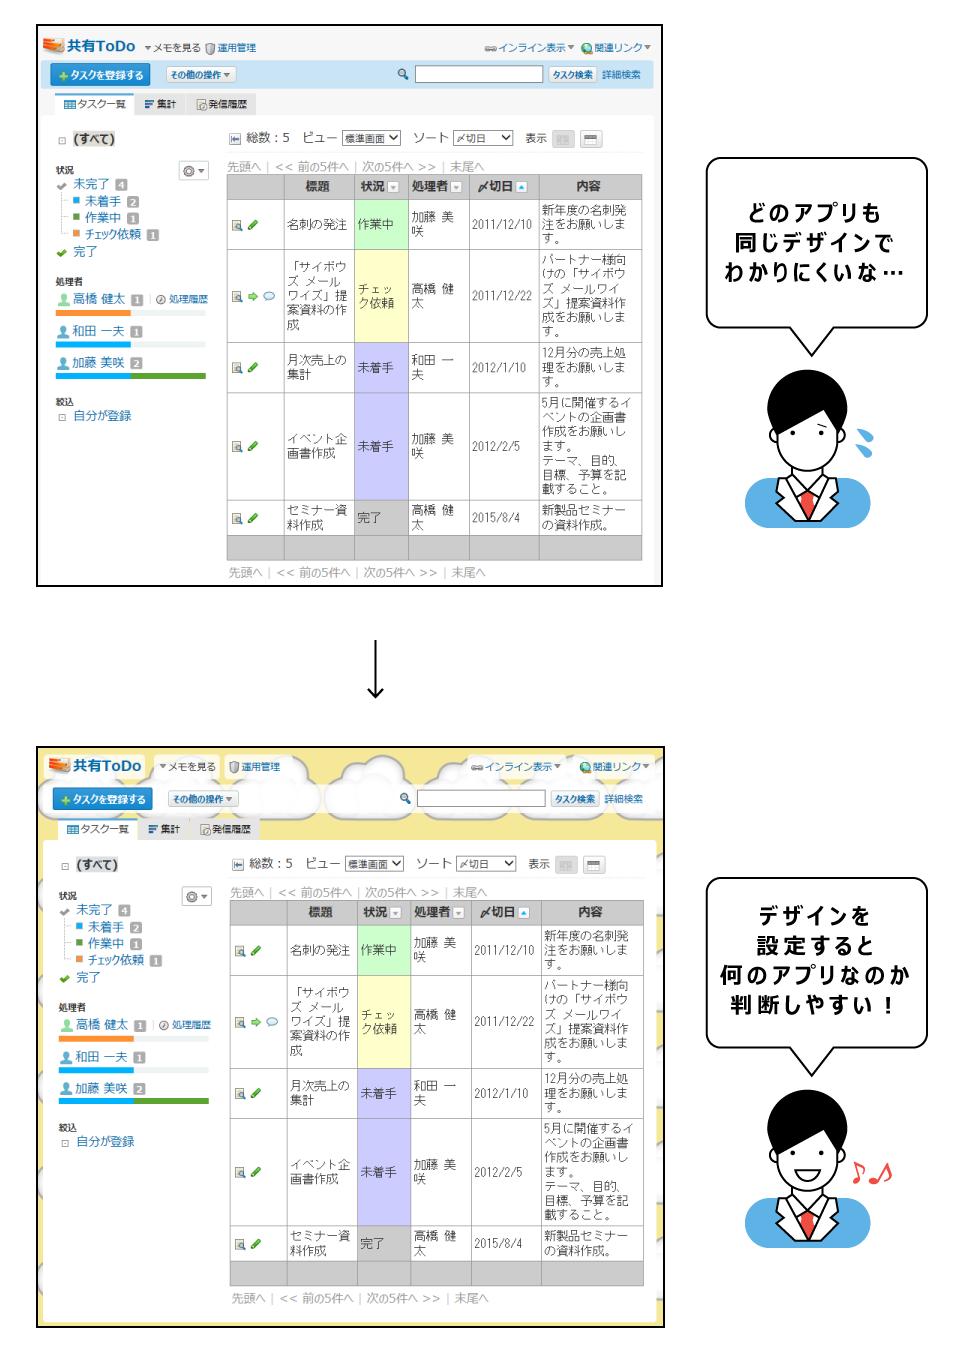 デザイン変更のイメージ図